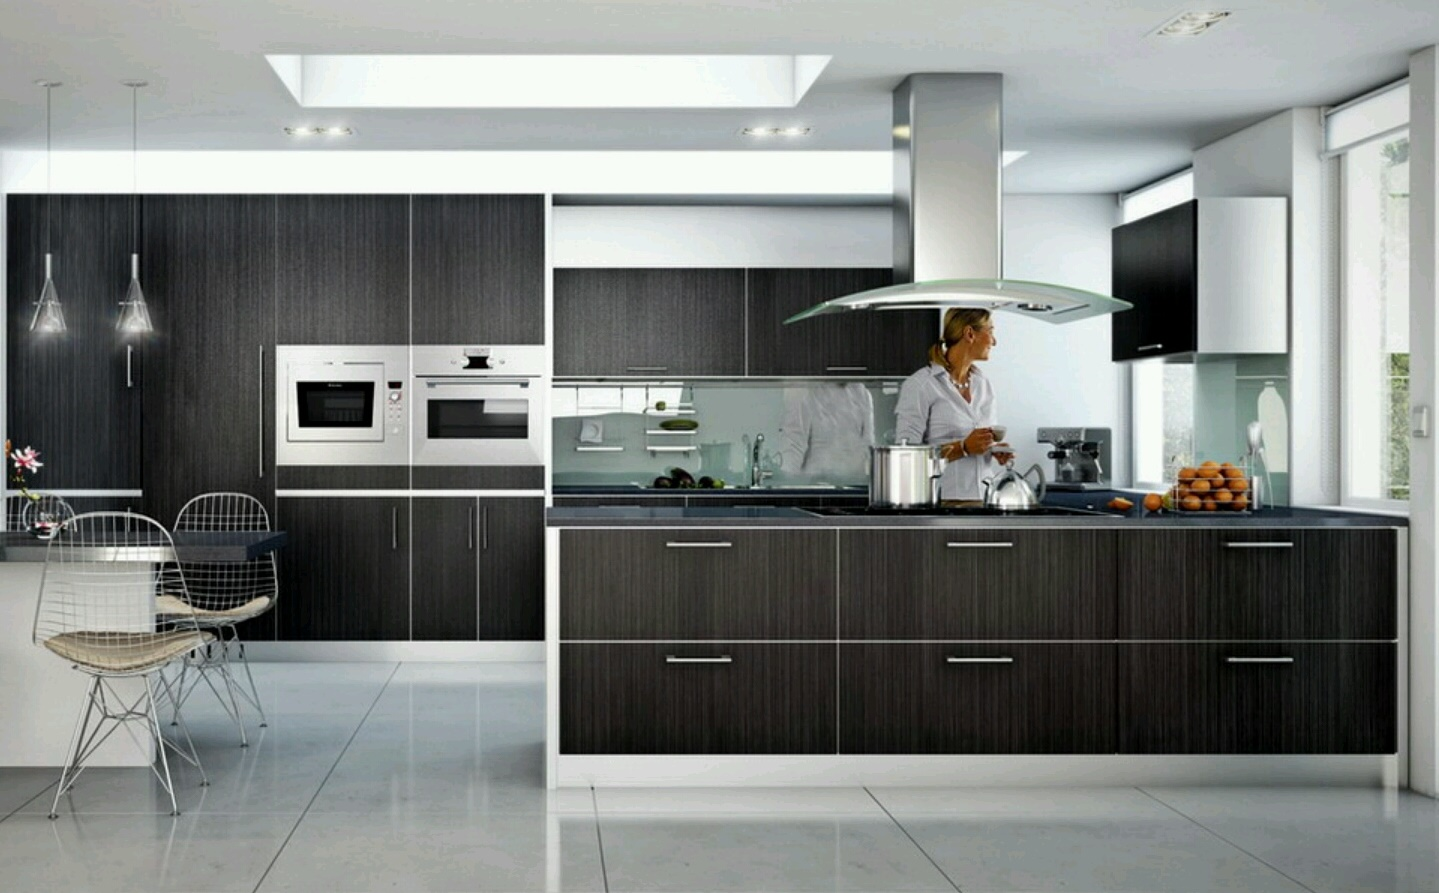 Arredamento cucina: tante idee e consigli